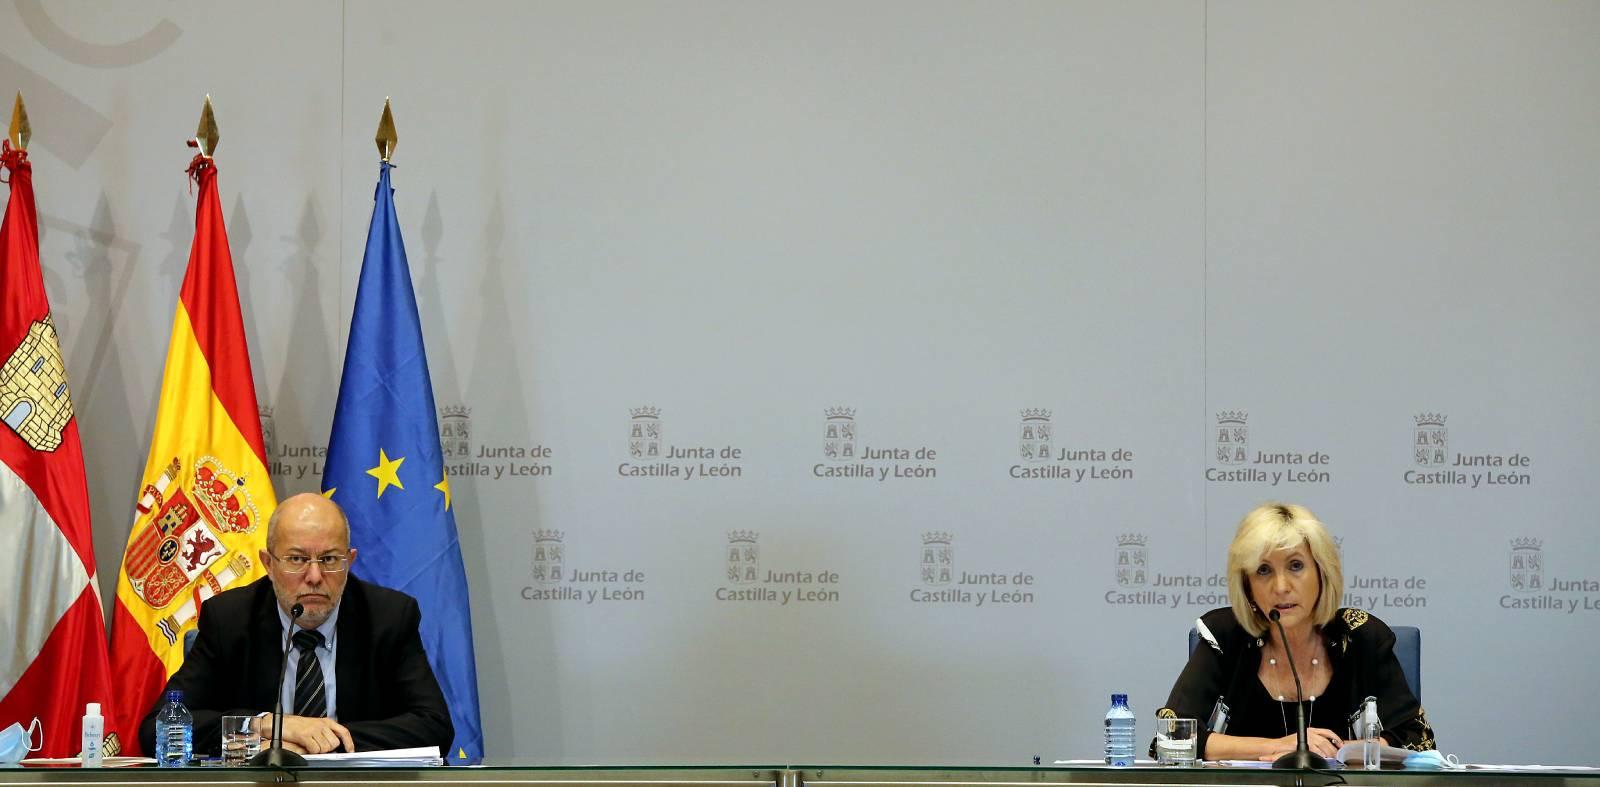 El vicepresidente de la Junta de Castilla y León, Francisco Igea, y la consejera de Sanidad, Verónica Casado, informan del Consejo de Gobierno